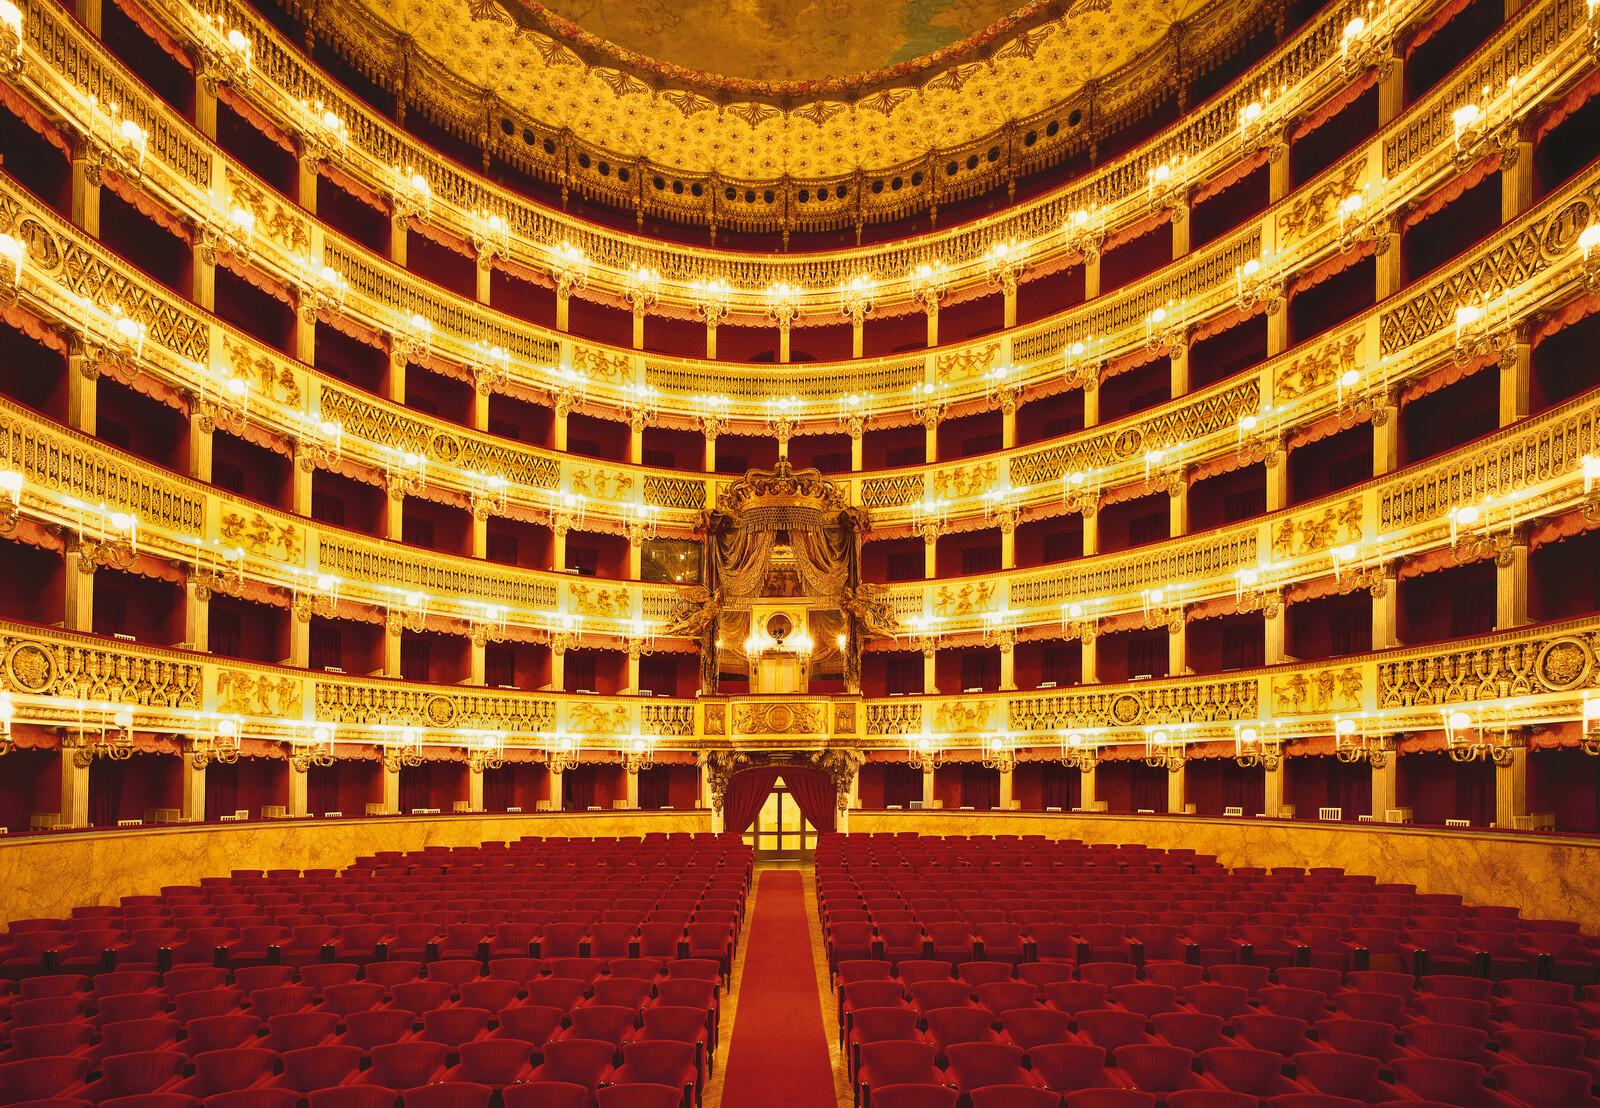 Teatro di San Carlo Napoli - Rafael Neff